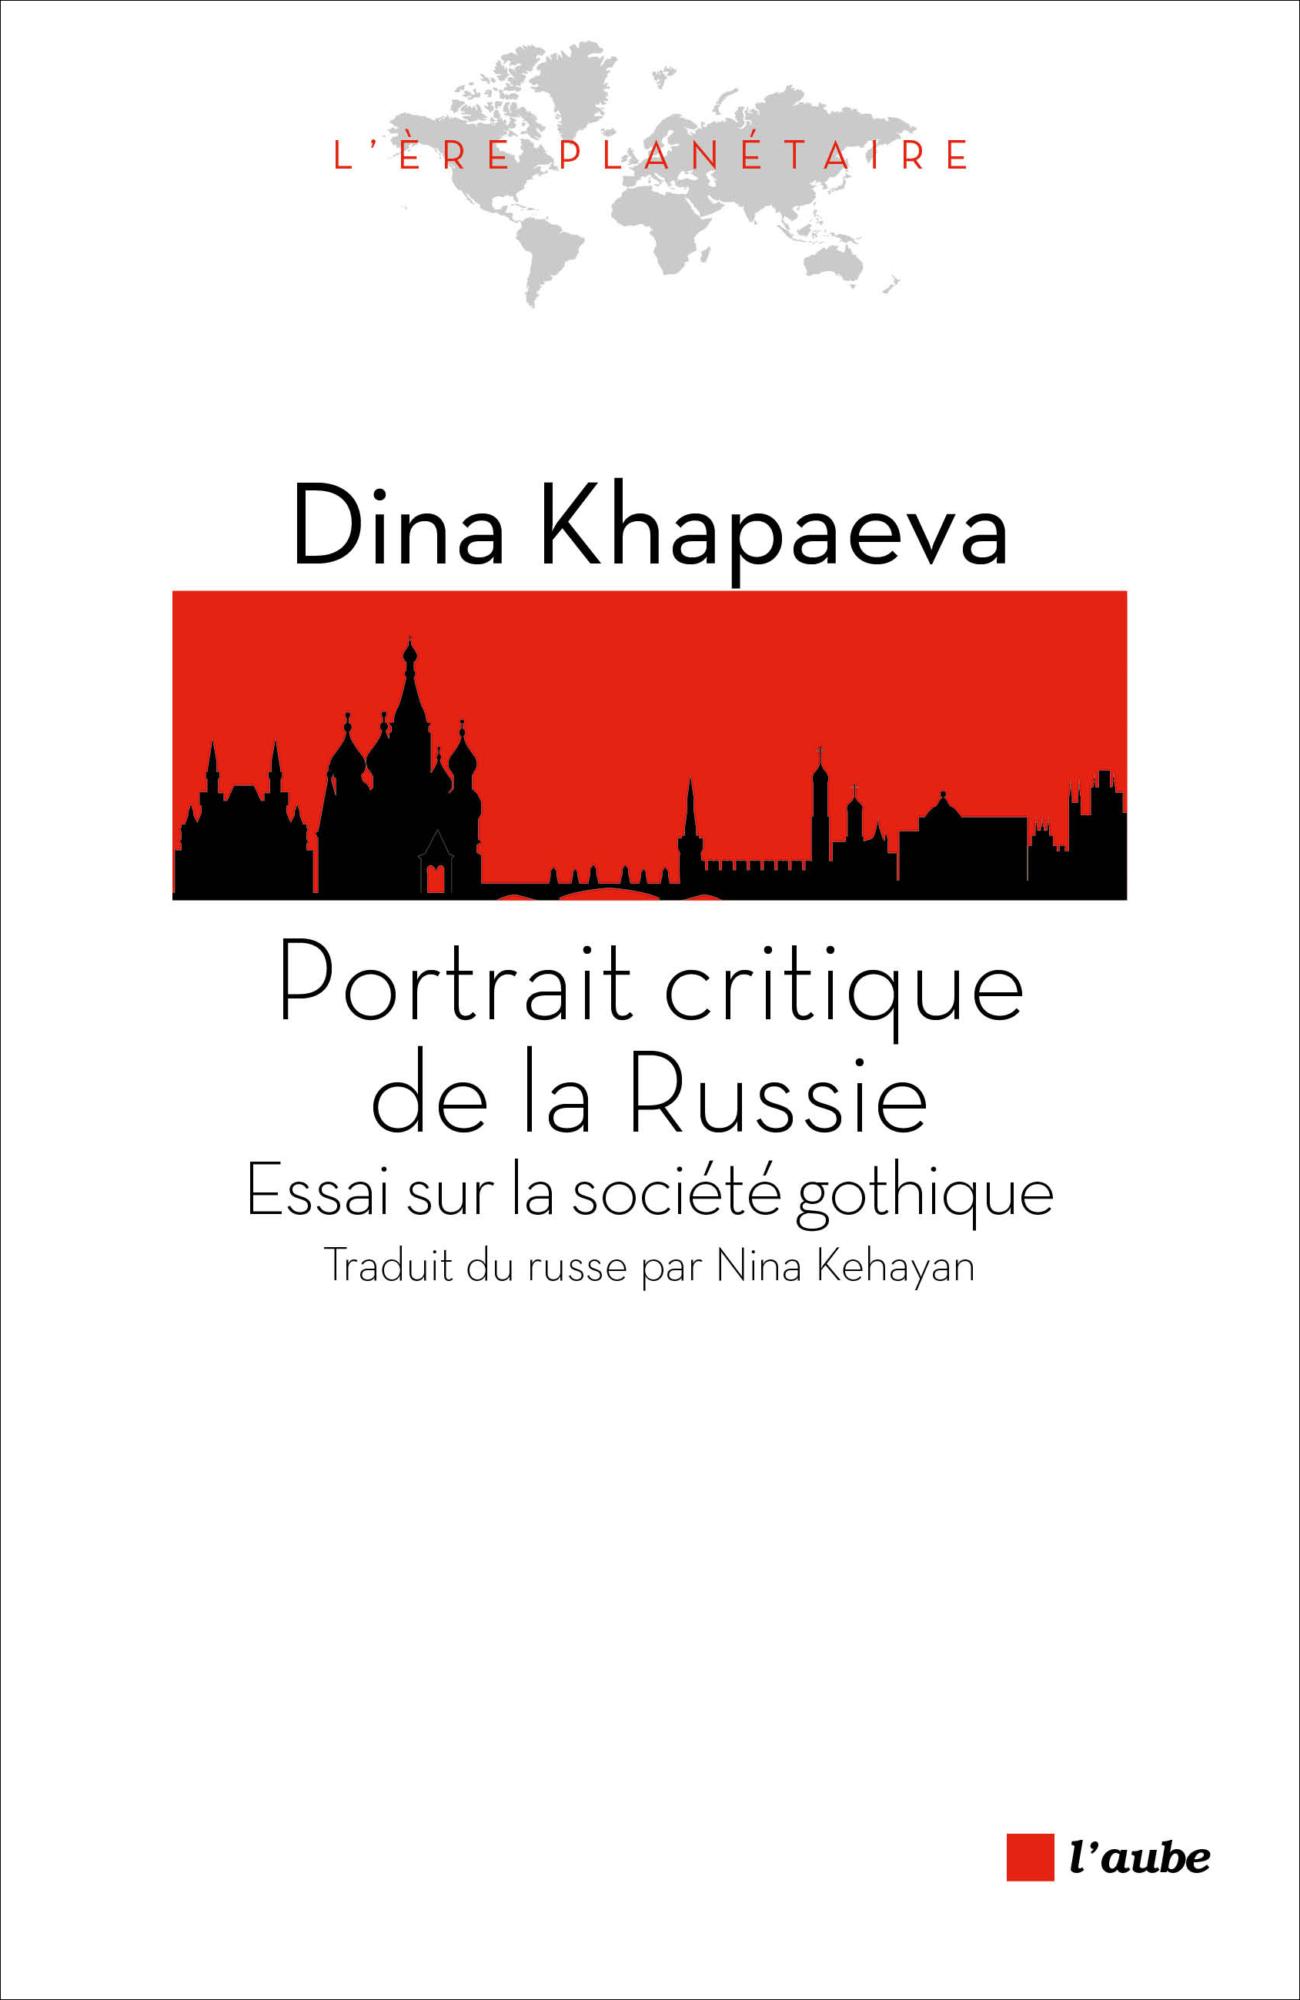 Portrait critique de la Russie